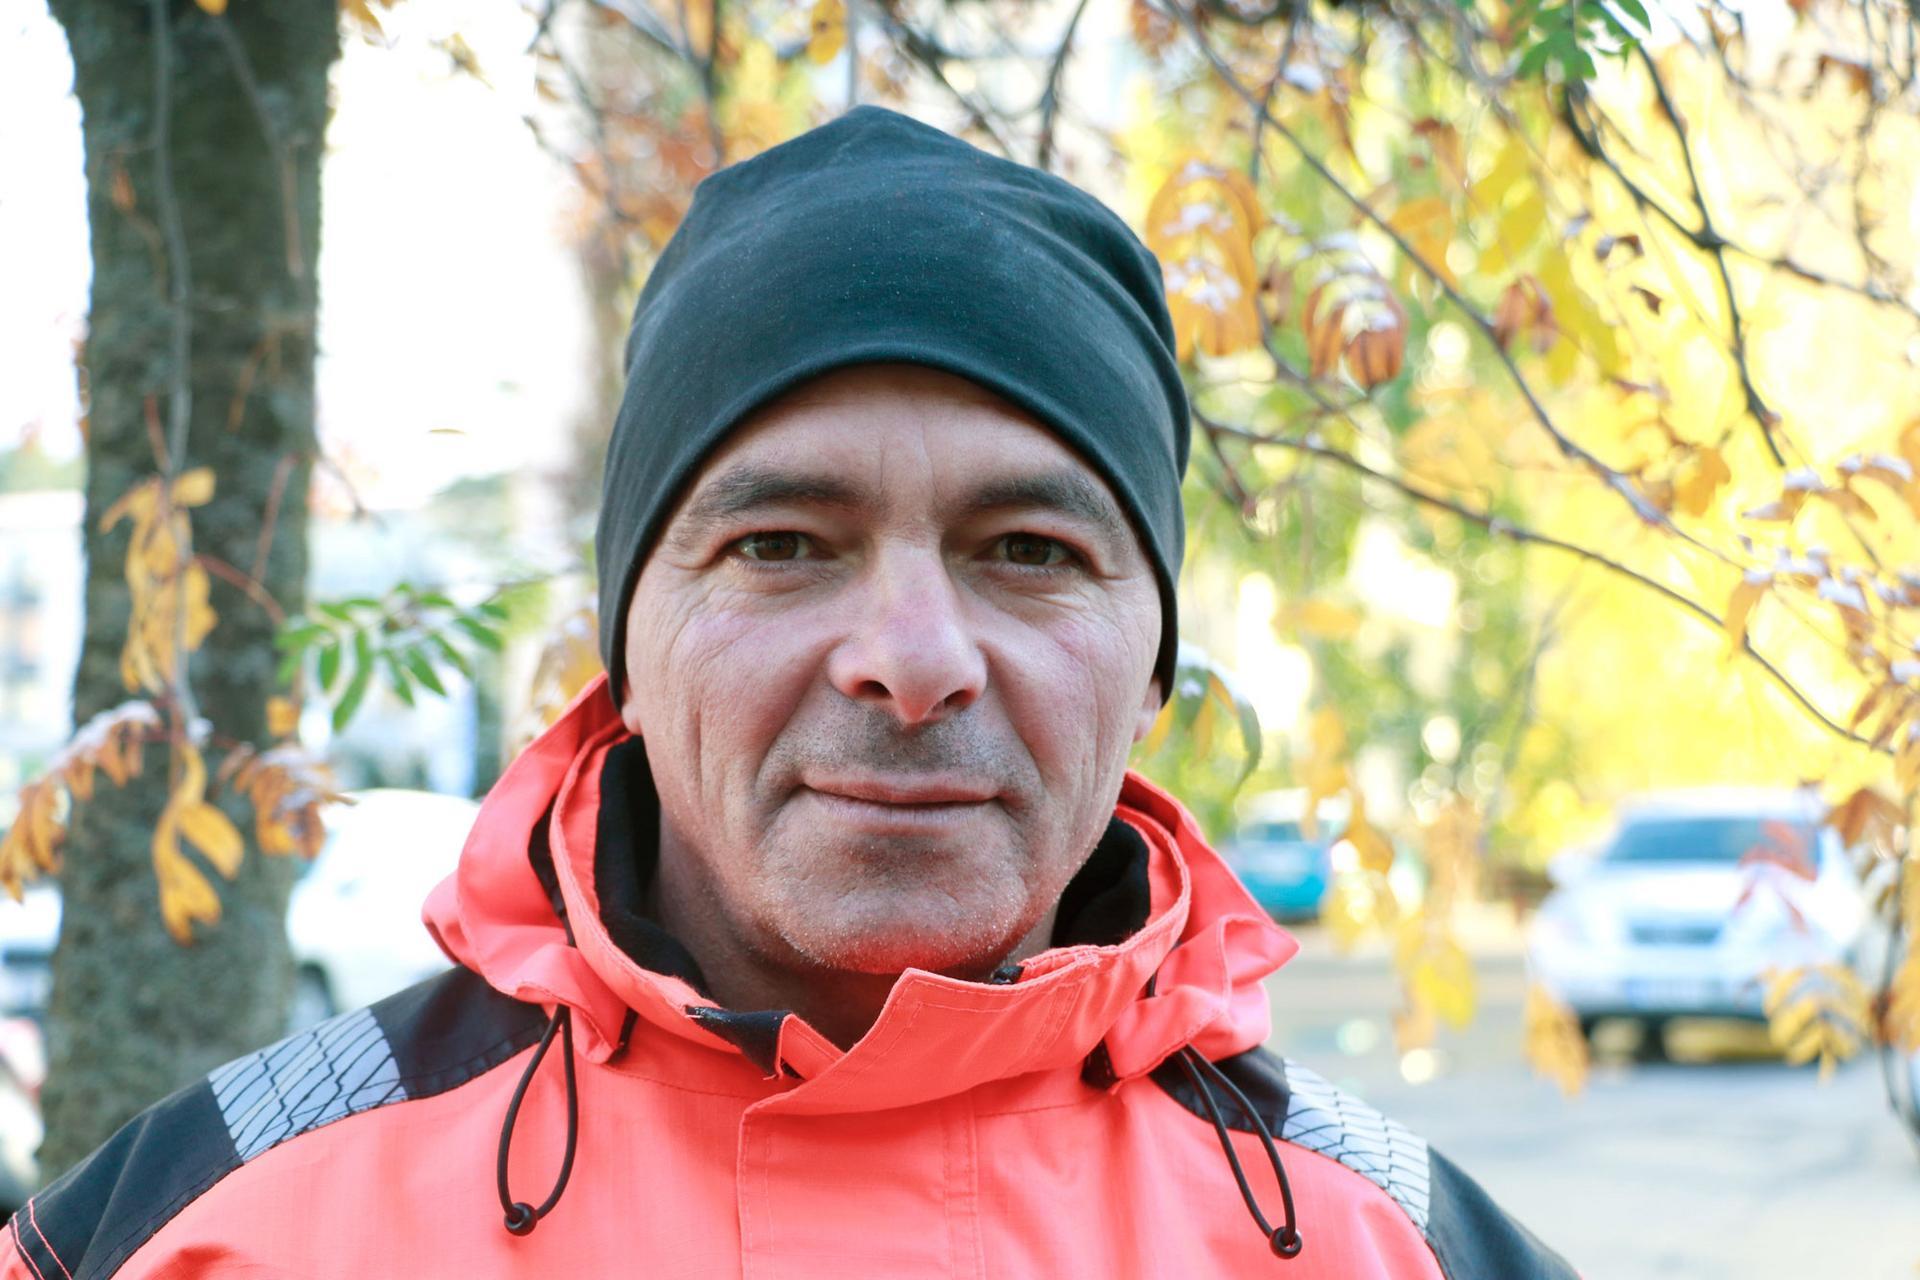 Nicolae Udrea sanoo viihtyvänsä Suomessa.